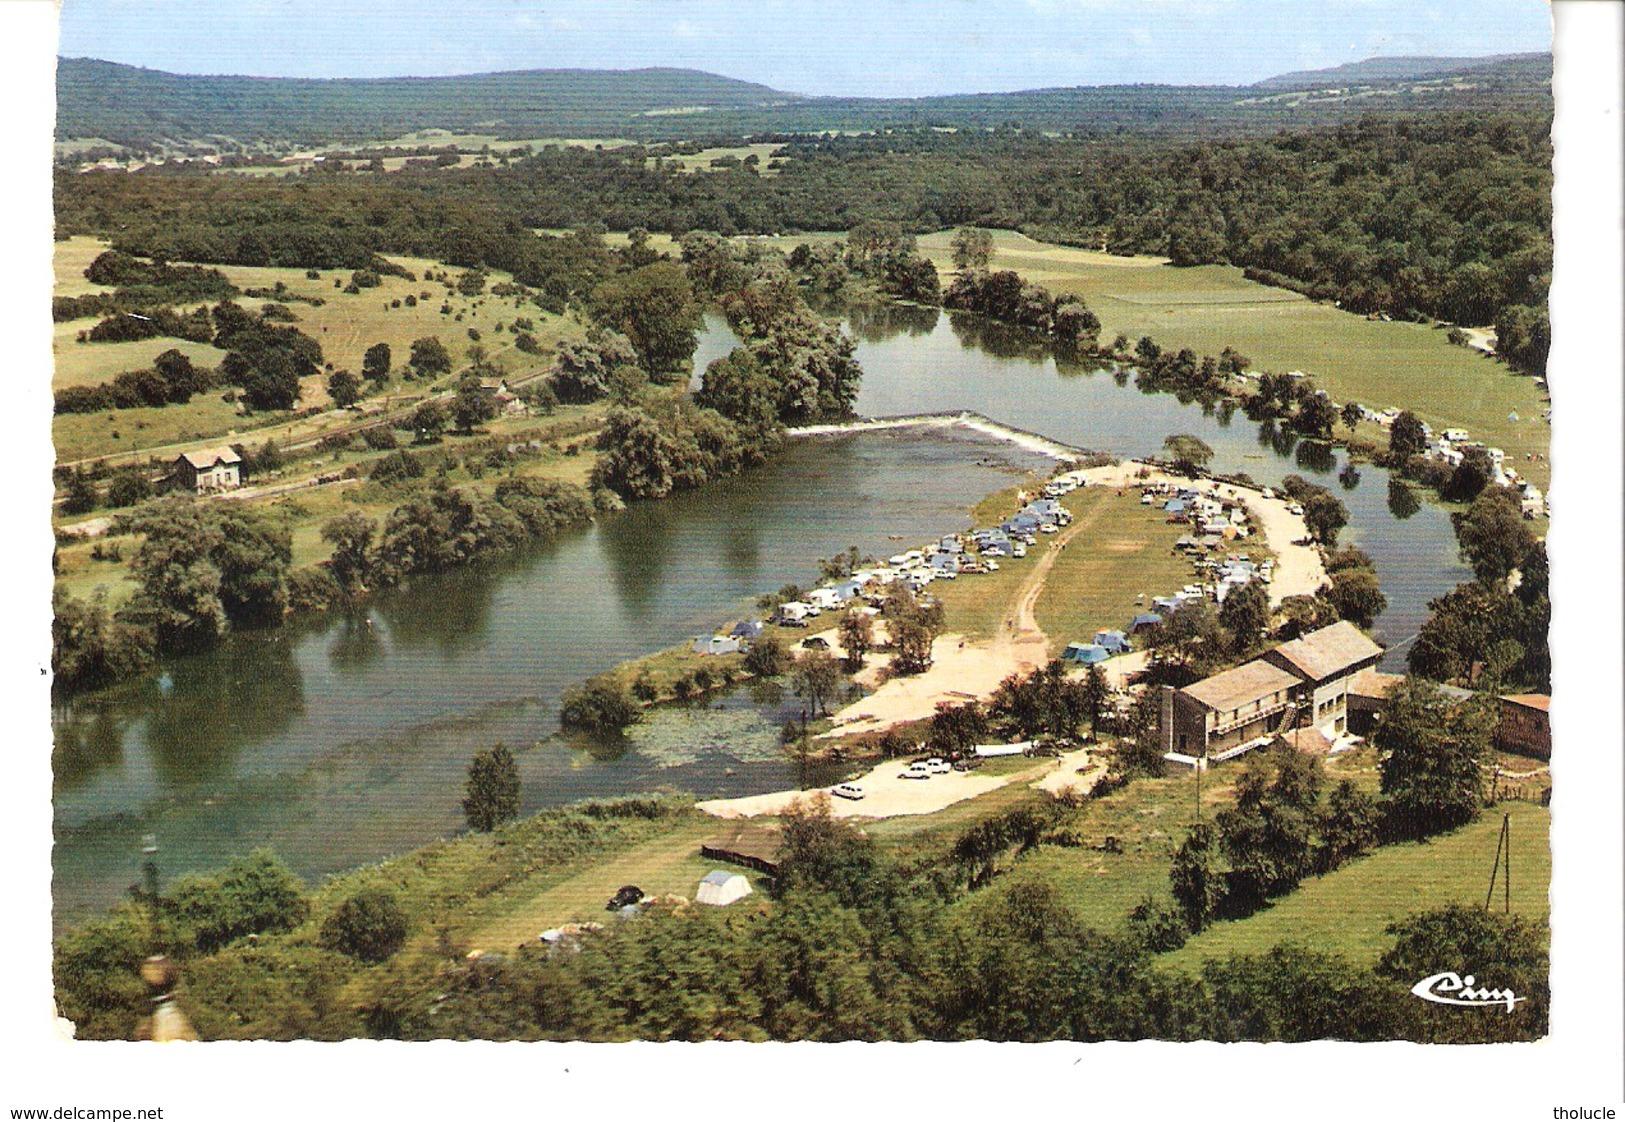 """Roche-lès-Clerval (Bavans-Montbéliard-Doubs)-1974-Vue Aérienne-centre De Loisirs """"Clermoulin"""" Des Automobiles Peugeot - Montbéliard"""